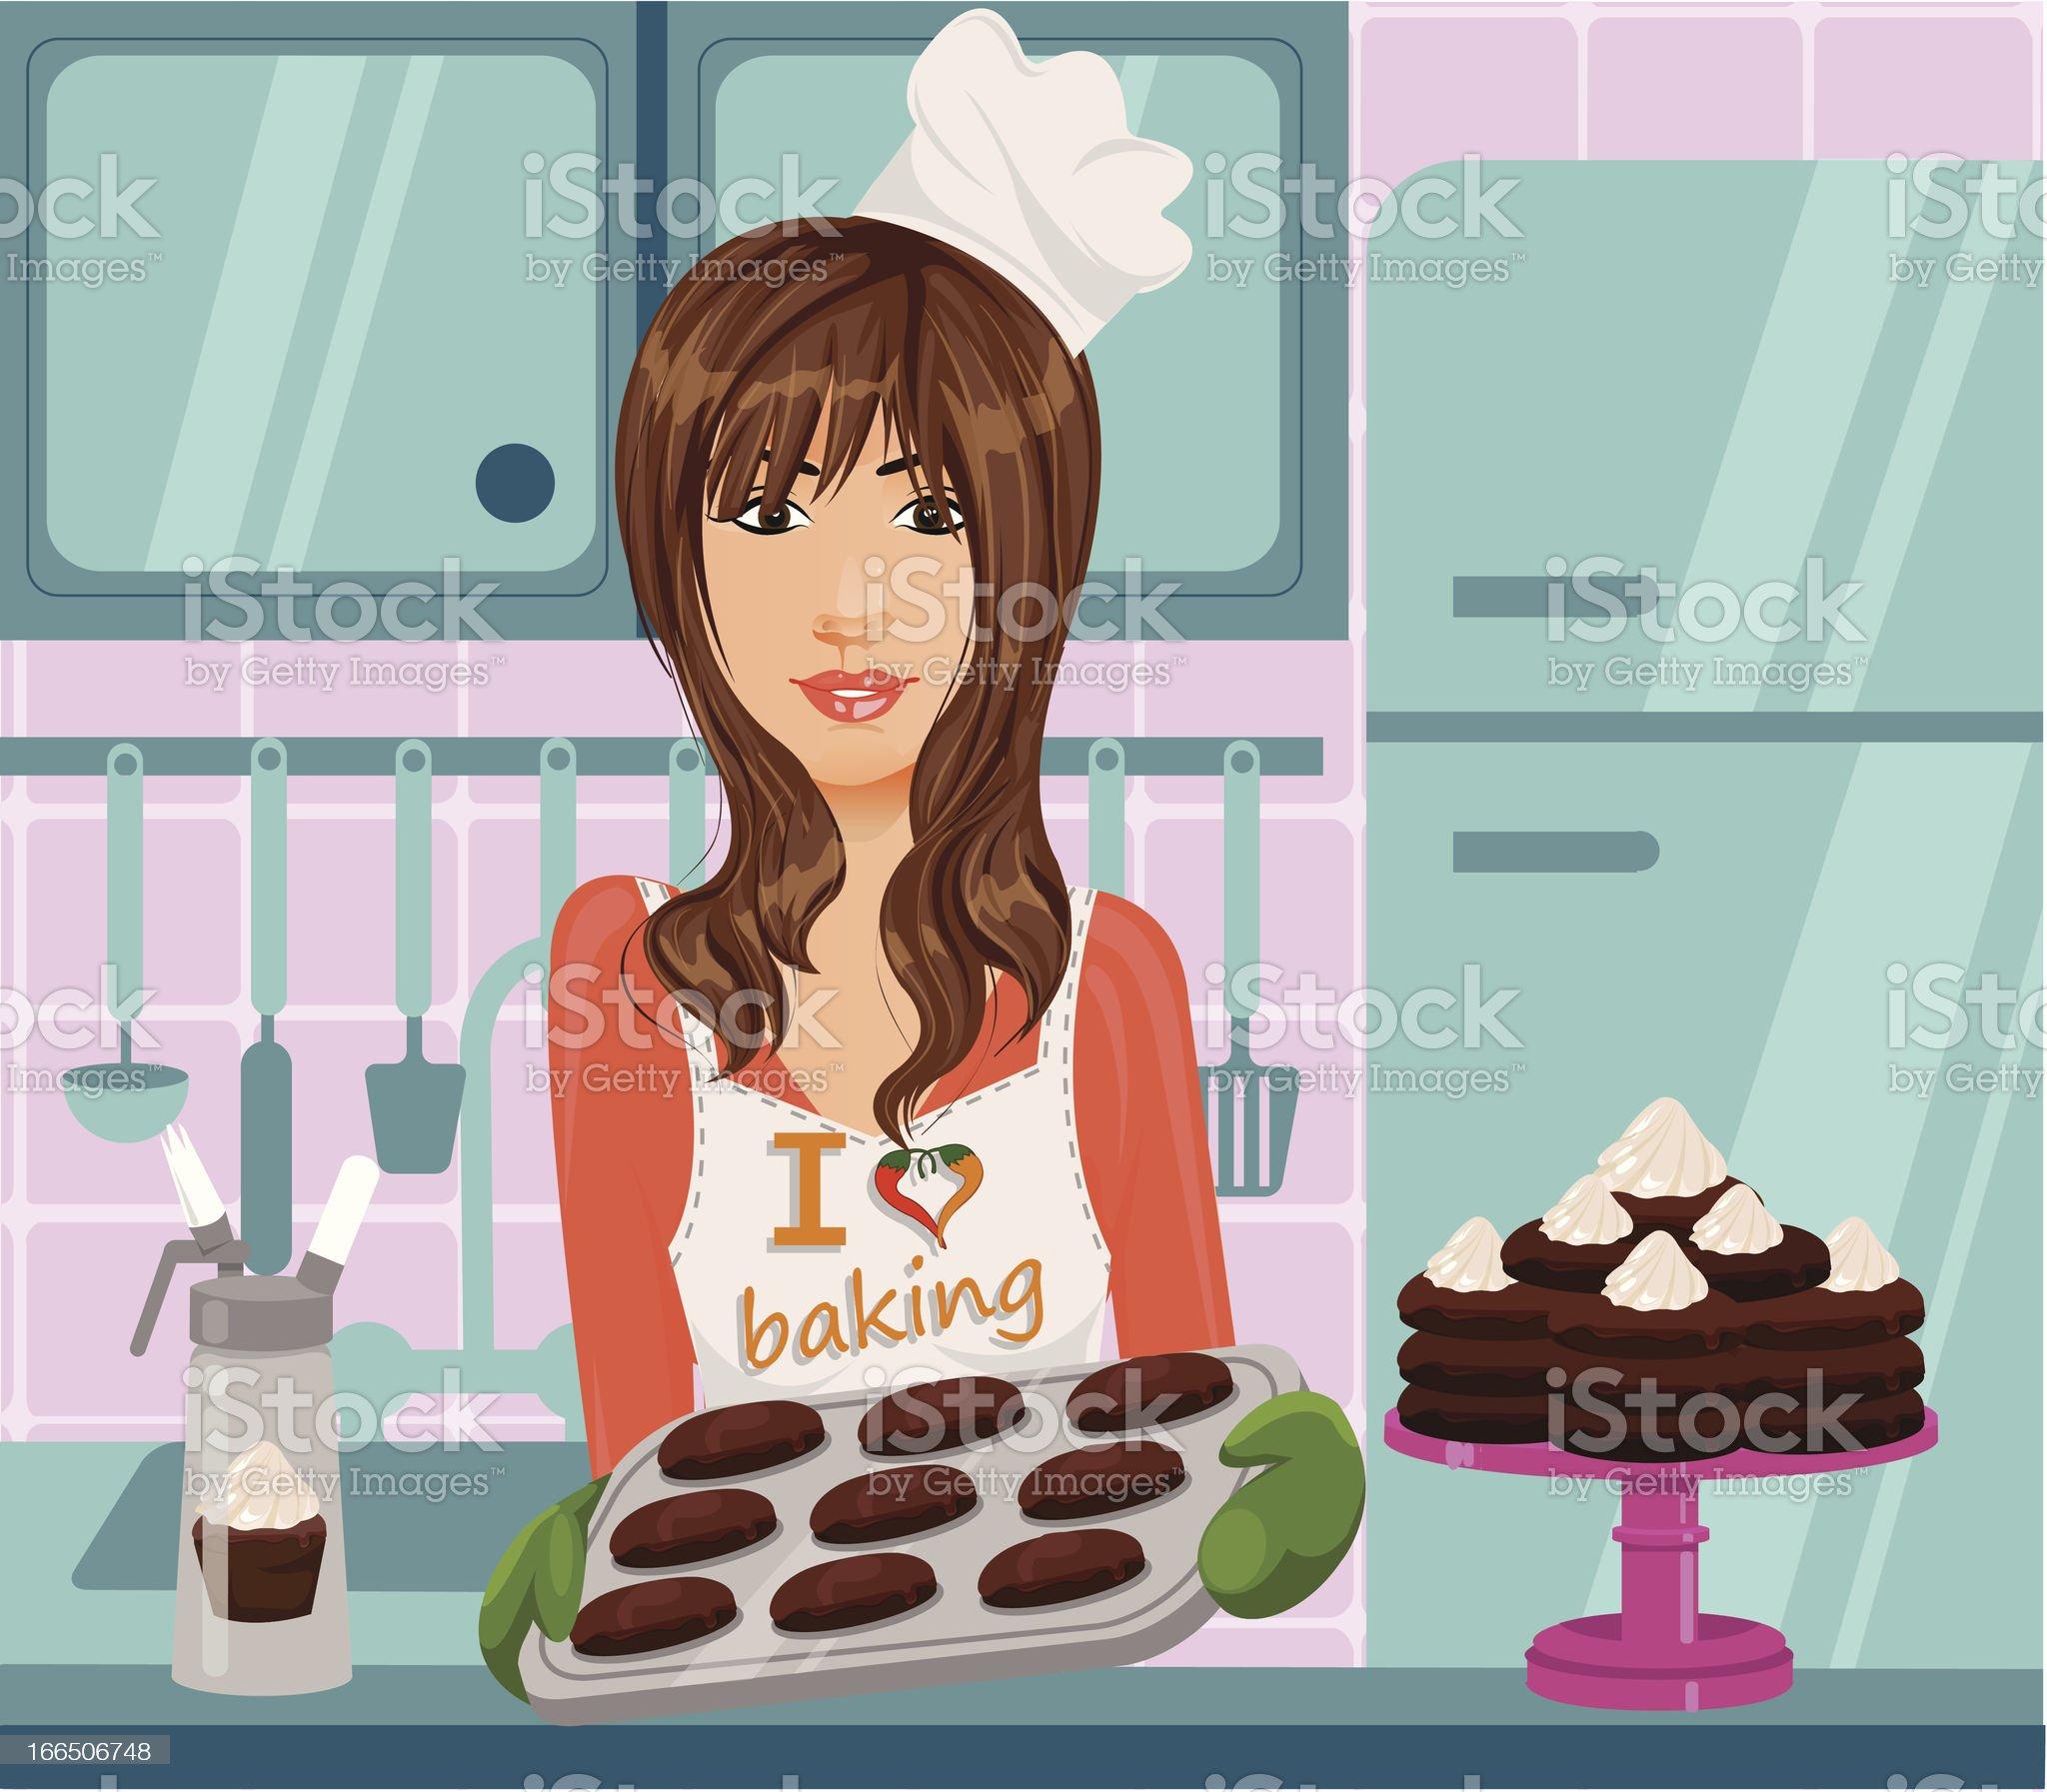 I Love Baking royalty-free stock vector art